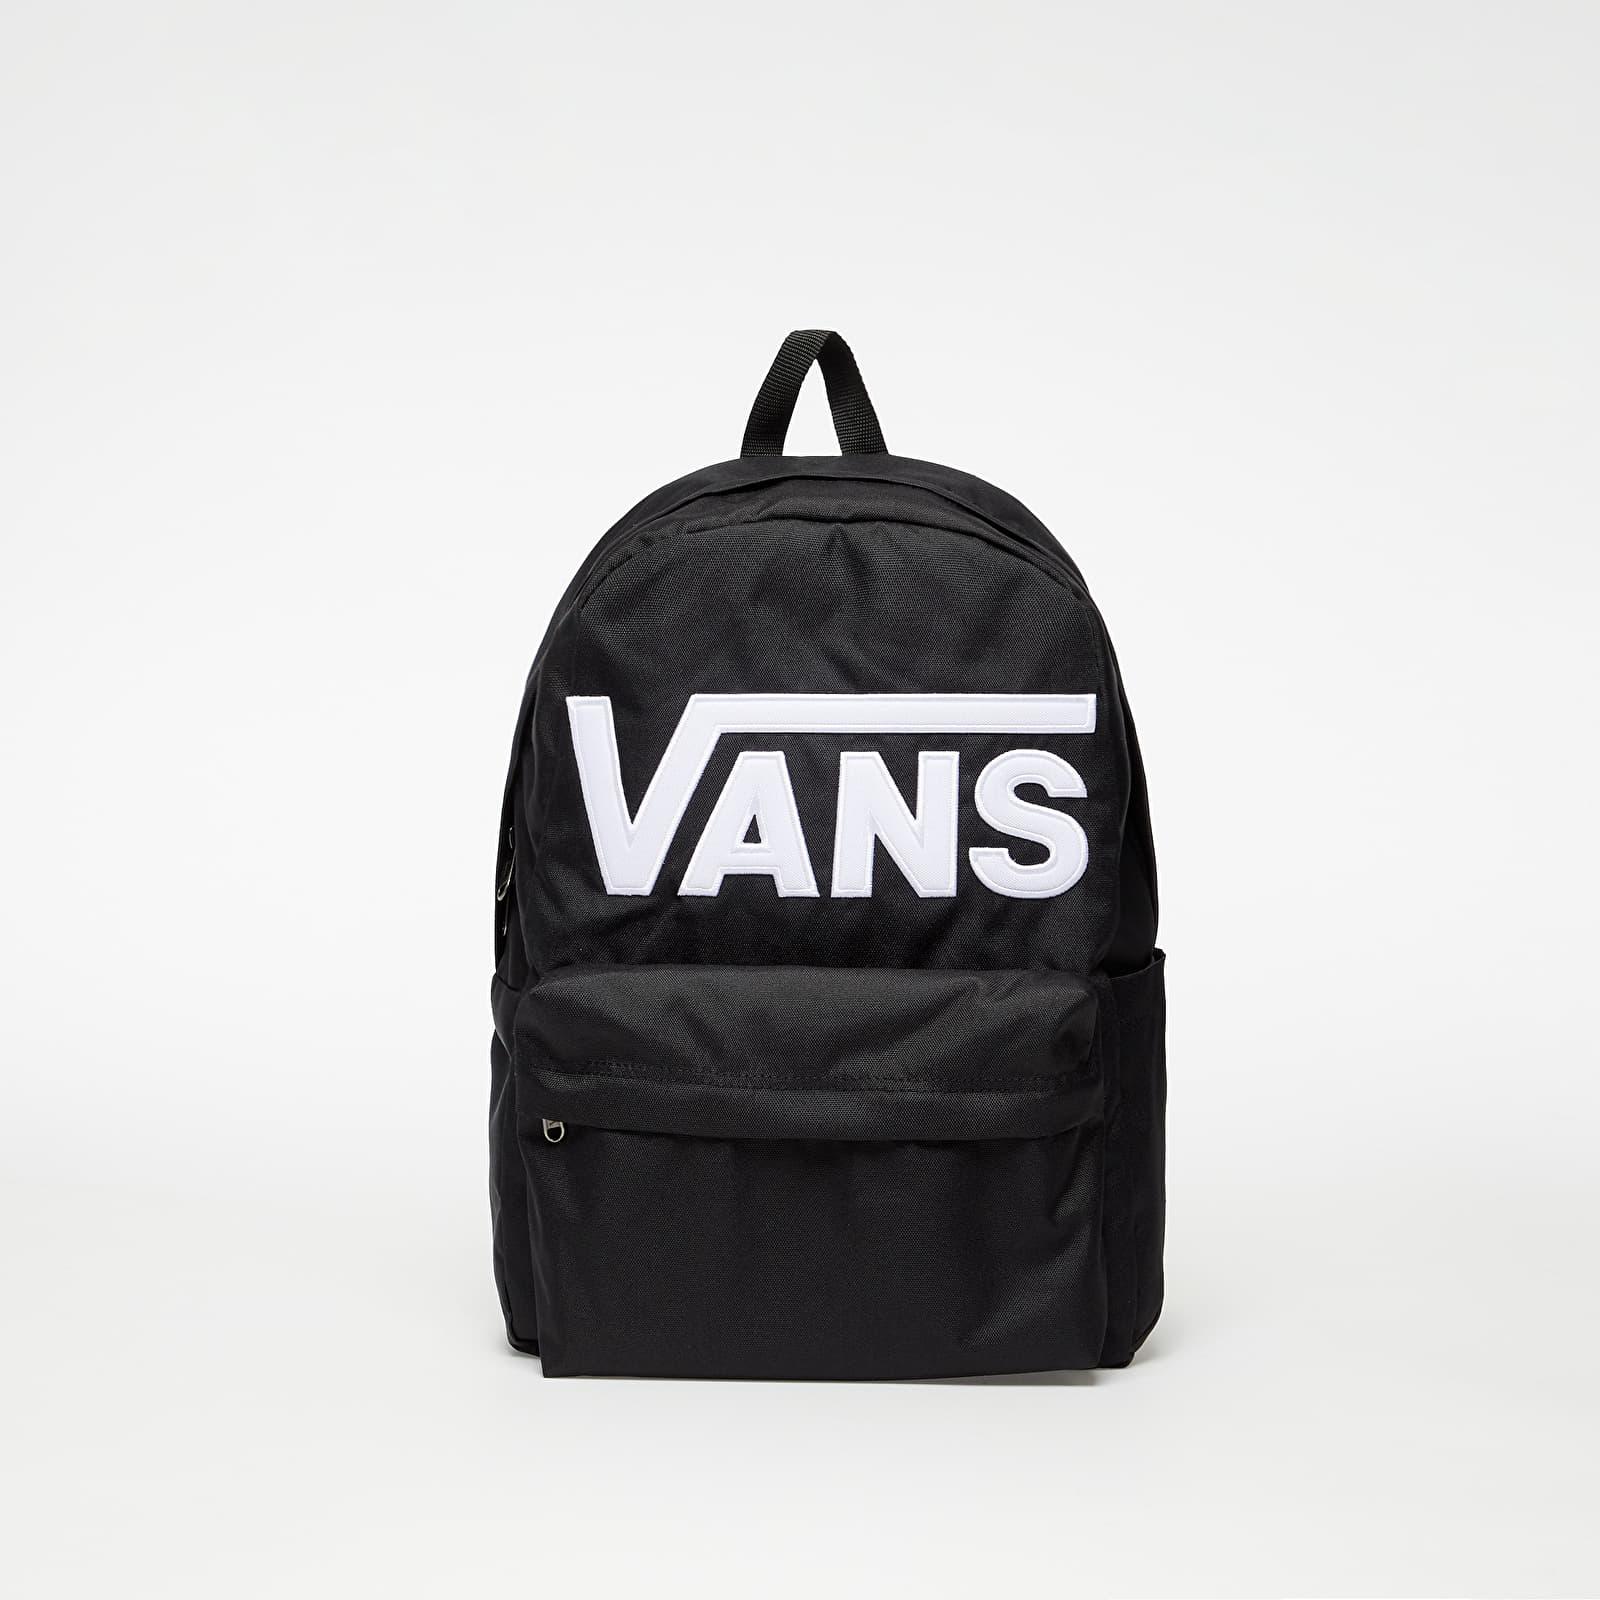 Vans Old Skool Drop V Bag Black/ White EUR